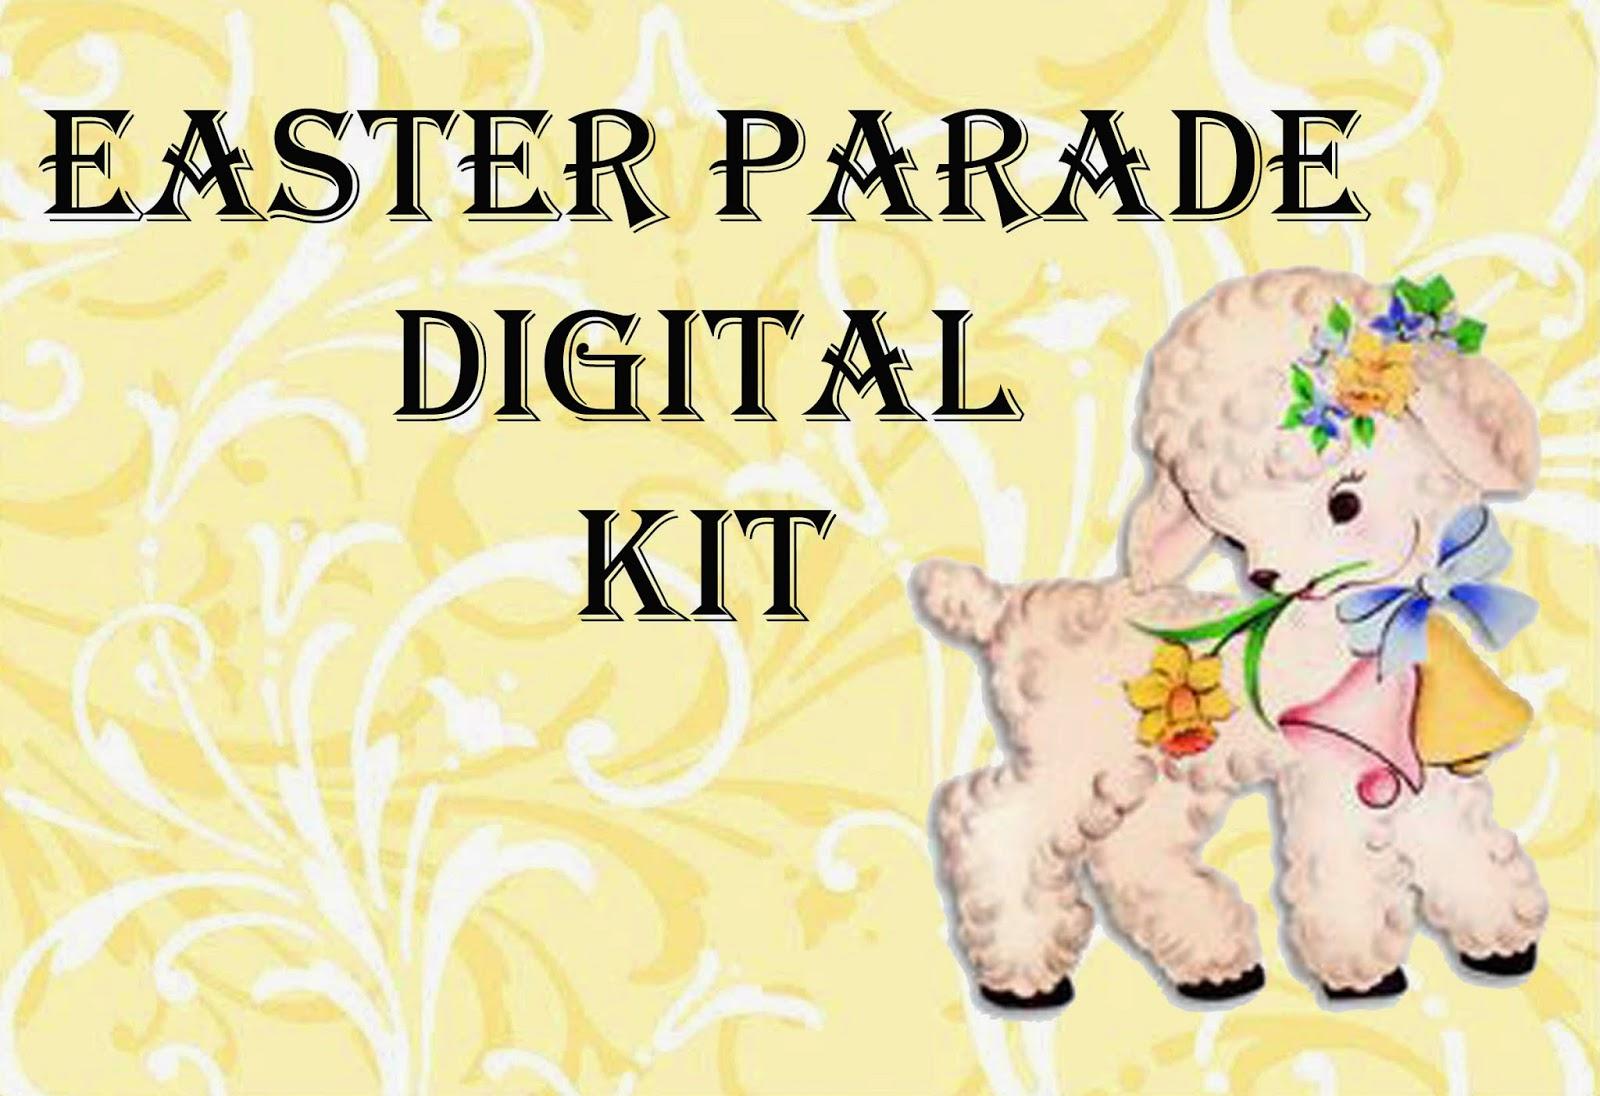 http://2.bp.blogspot.com/-5WayIuBbUc4/VJ7mM0xeK6I/AAAAAAAAFVw/0H3y_-fP_D4/s1600/easter+parade+cvr.jpg